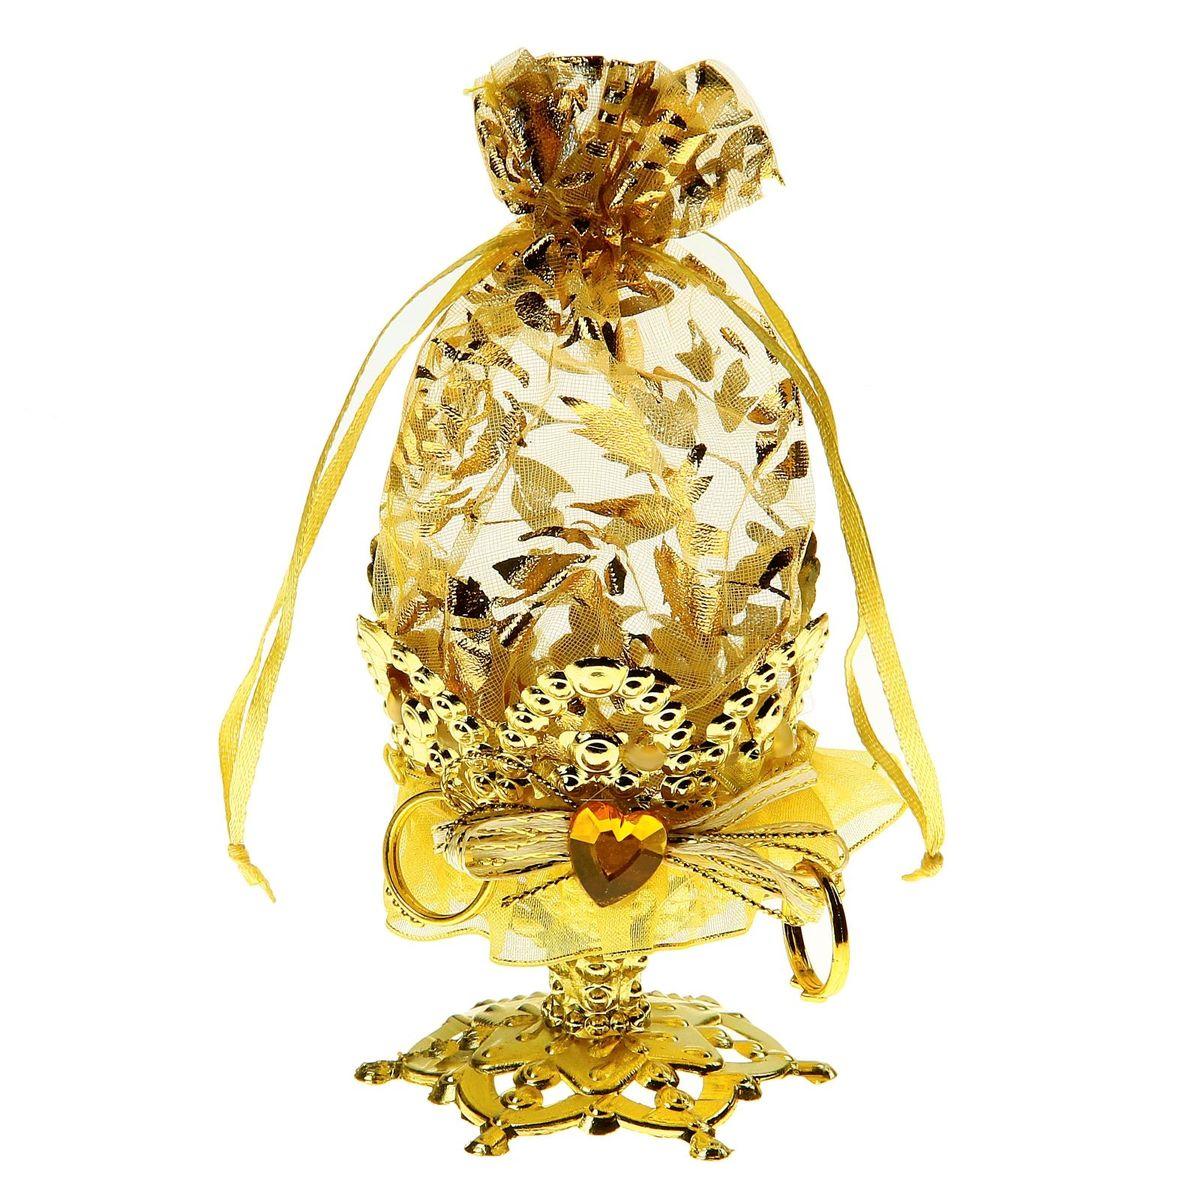 Бонбоньерка Sima-land Сердечки, цвет: золото, 7 x 7 x 14 смNLED-454-9W-BKОчень красивая традиция современной свадьбы, пришедшая к нам с Запада, — дарить гостям бонбоньерки с угощениями в знак благодарности тому, кто пришел на свадьбу. Как правило, приглашённых угощают миндалём, конфетами или марципанами, но фантазировать можно сколько угодно! Бонбоньерка Сердечки, цвет золото — это необычная конфетница с эффектным дизайном, куда можно спрятать угощение для дорогих вашему сердцу людей. Она завершит свадебное торжество, и оставит гостей в полном восторге.